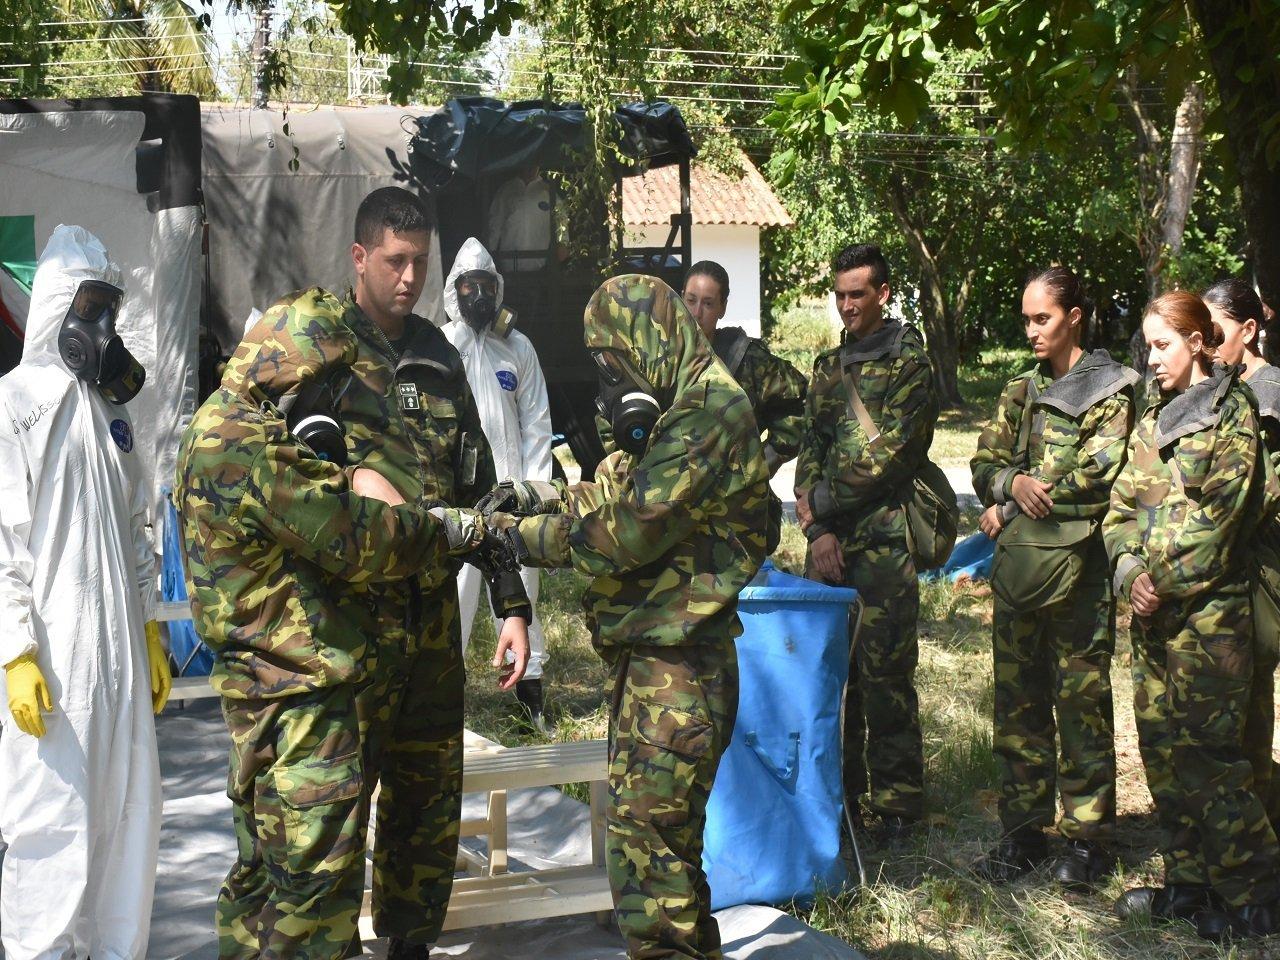 Militares do Exército Brasileiro passam por um processo de capacitação para atuar em casos de ataques químicos